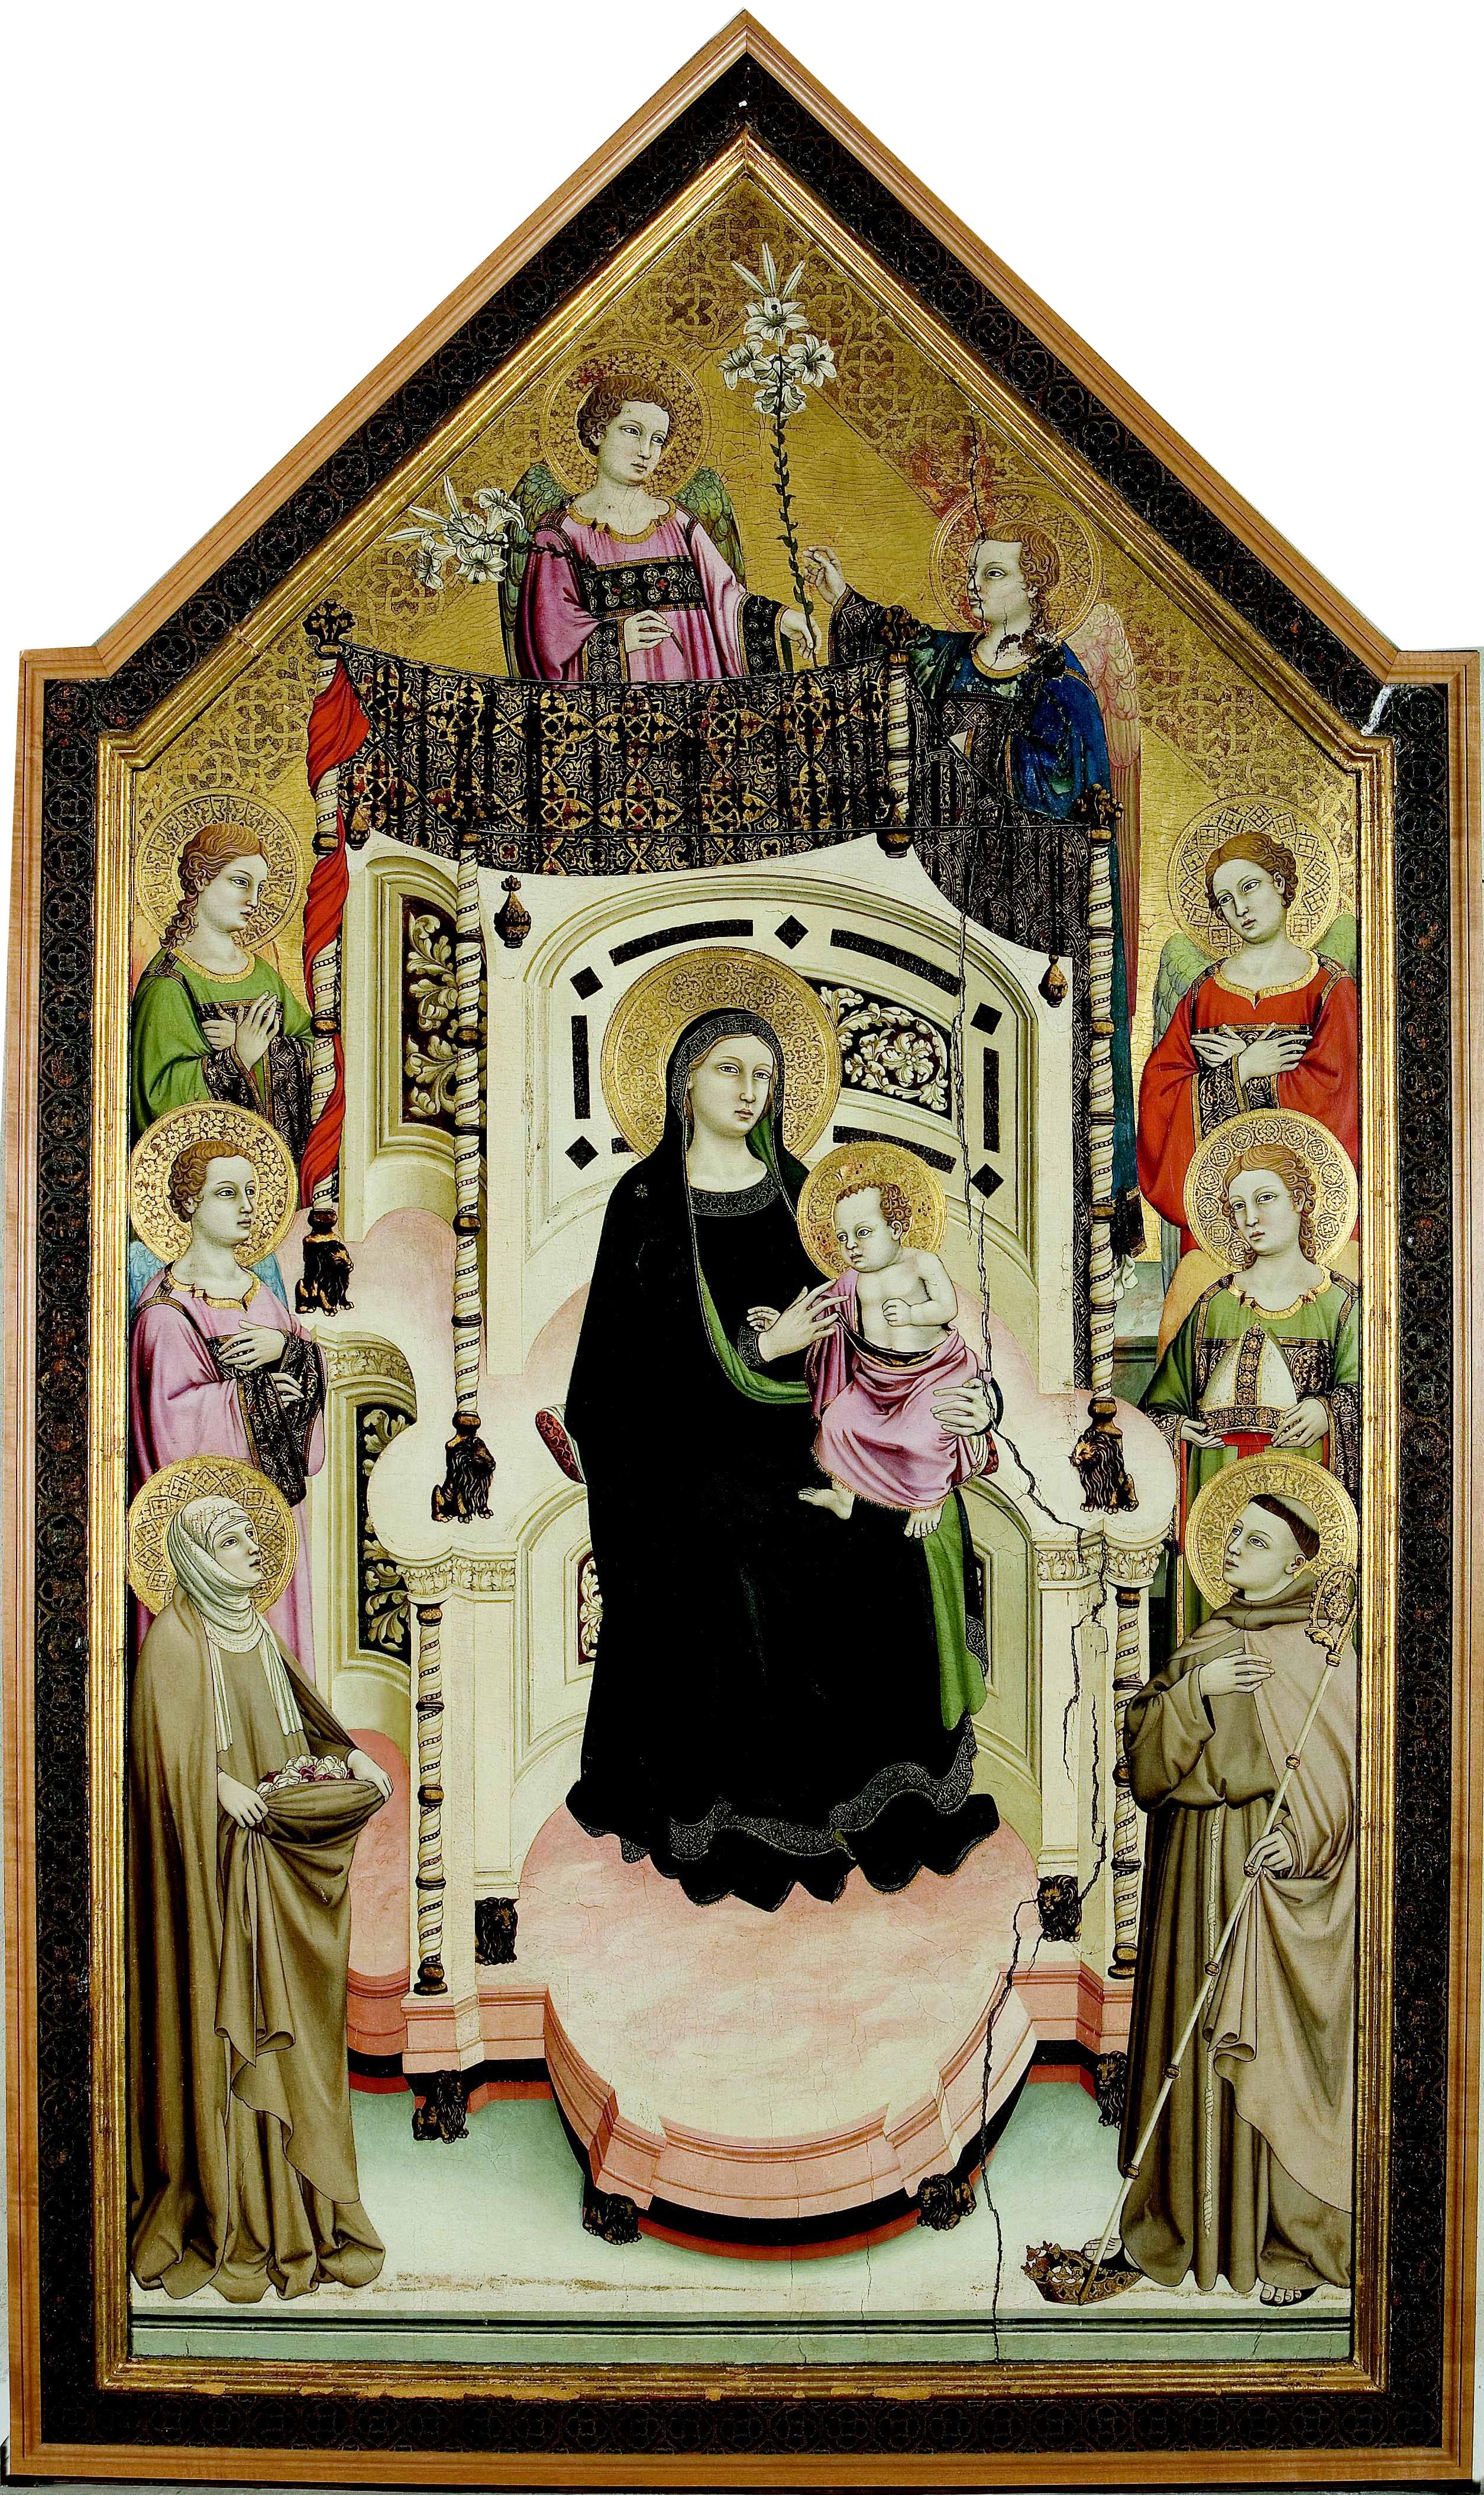 https://upload.wikimedia.org/wikipedia/commons/9/90/Maestro_di_figline%2C_Madonna_in_trono_col_Bambino_fra_San_Ludovico_di_Tolosa_e_Sant%27Elisabetta_di_Ungheria.jpg